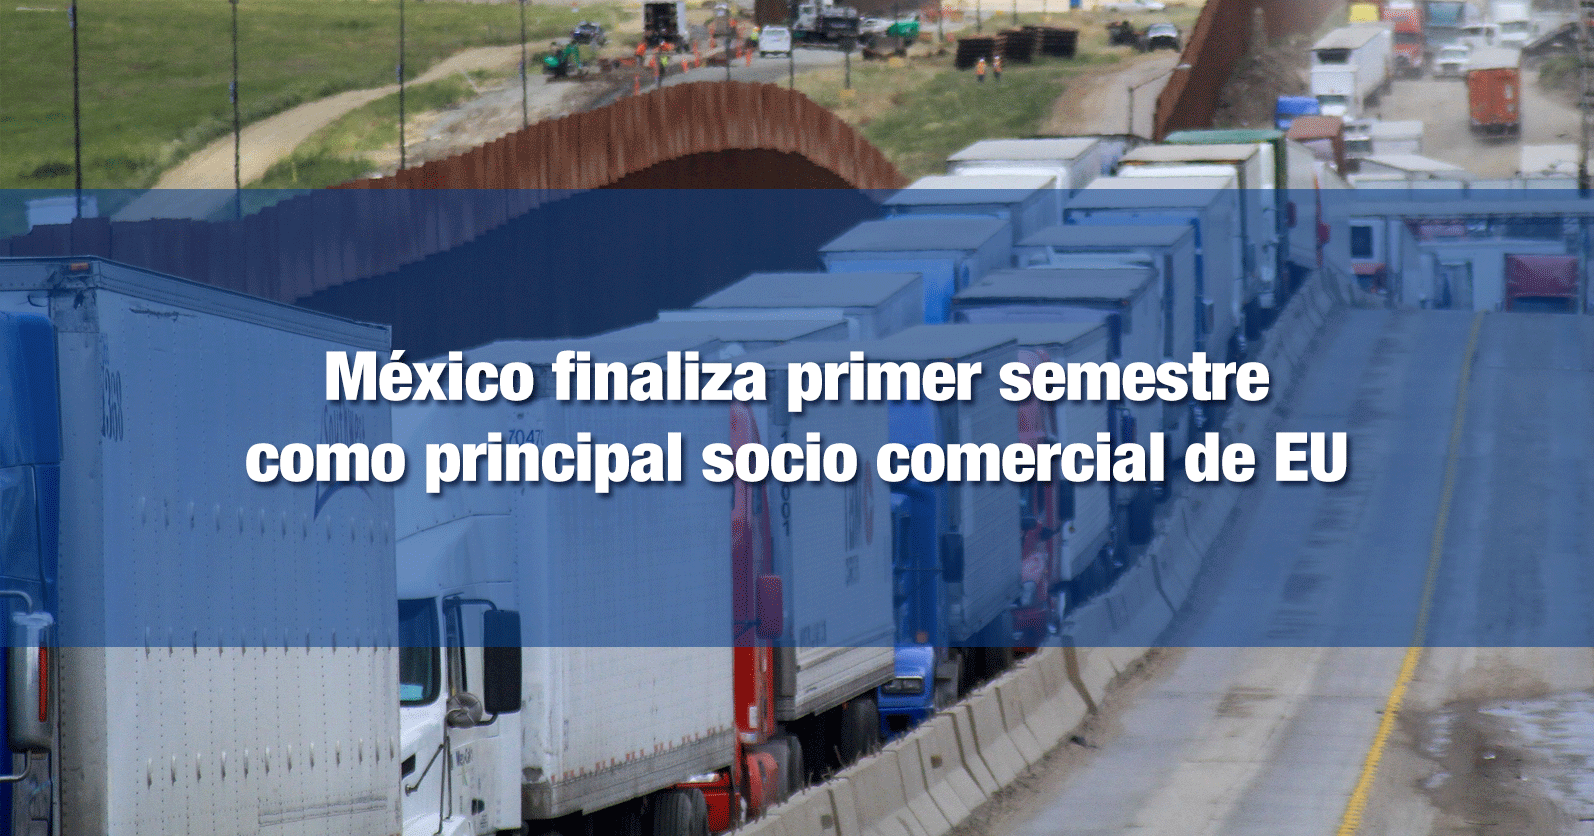 México finaliza primer semestre como principal socio comercial de EU